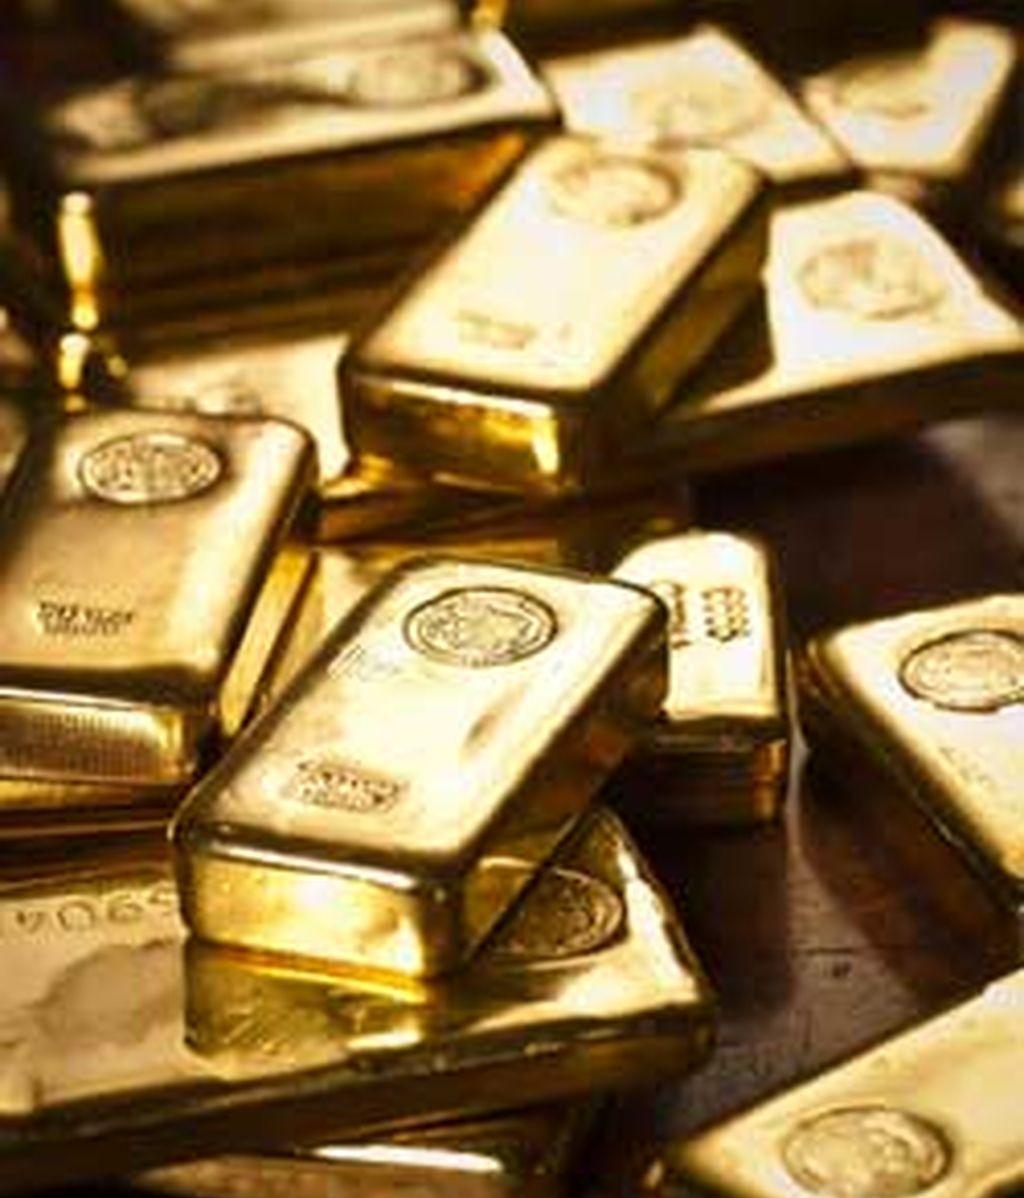 Las fuerte subida de oro ya ha superado los 1.700 dólares. FOTO: EFE